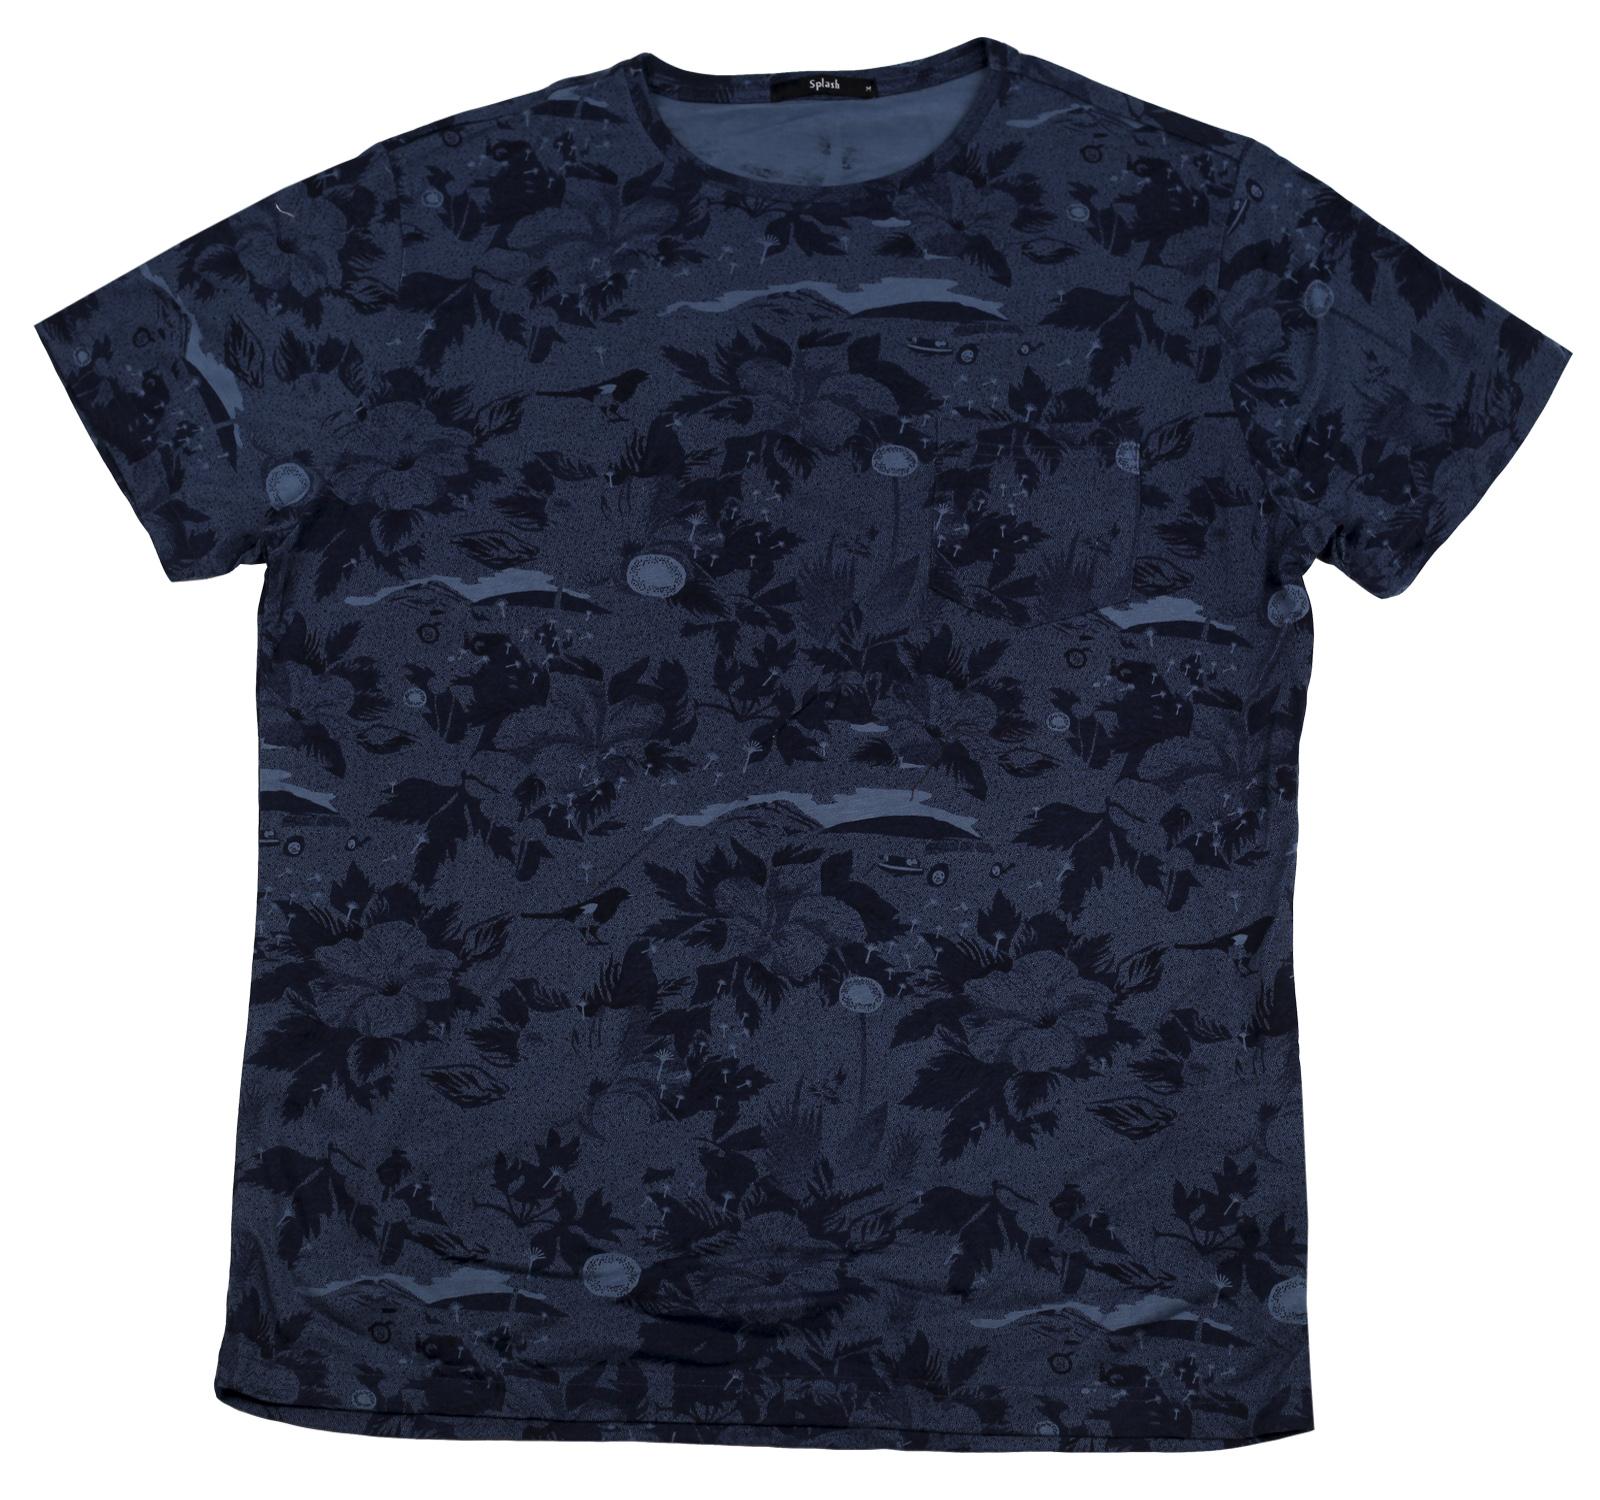 Модная футболка Splash: чтобы отдых удался